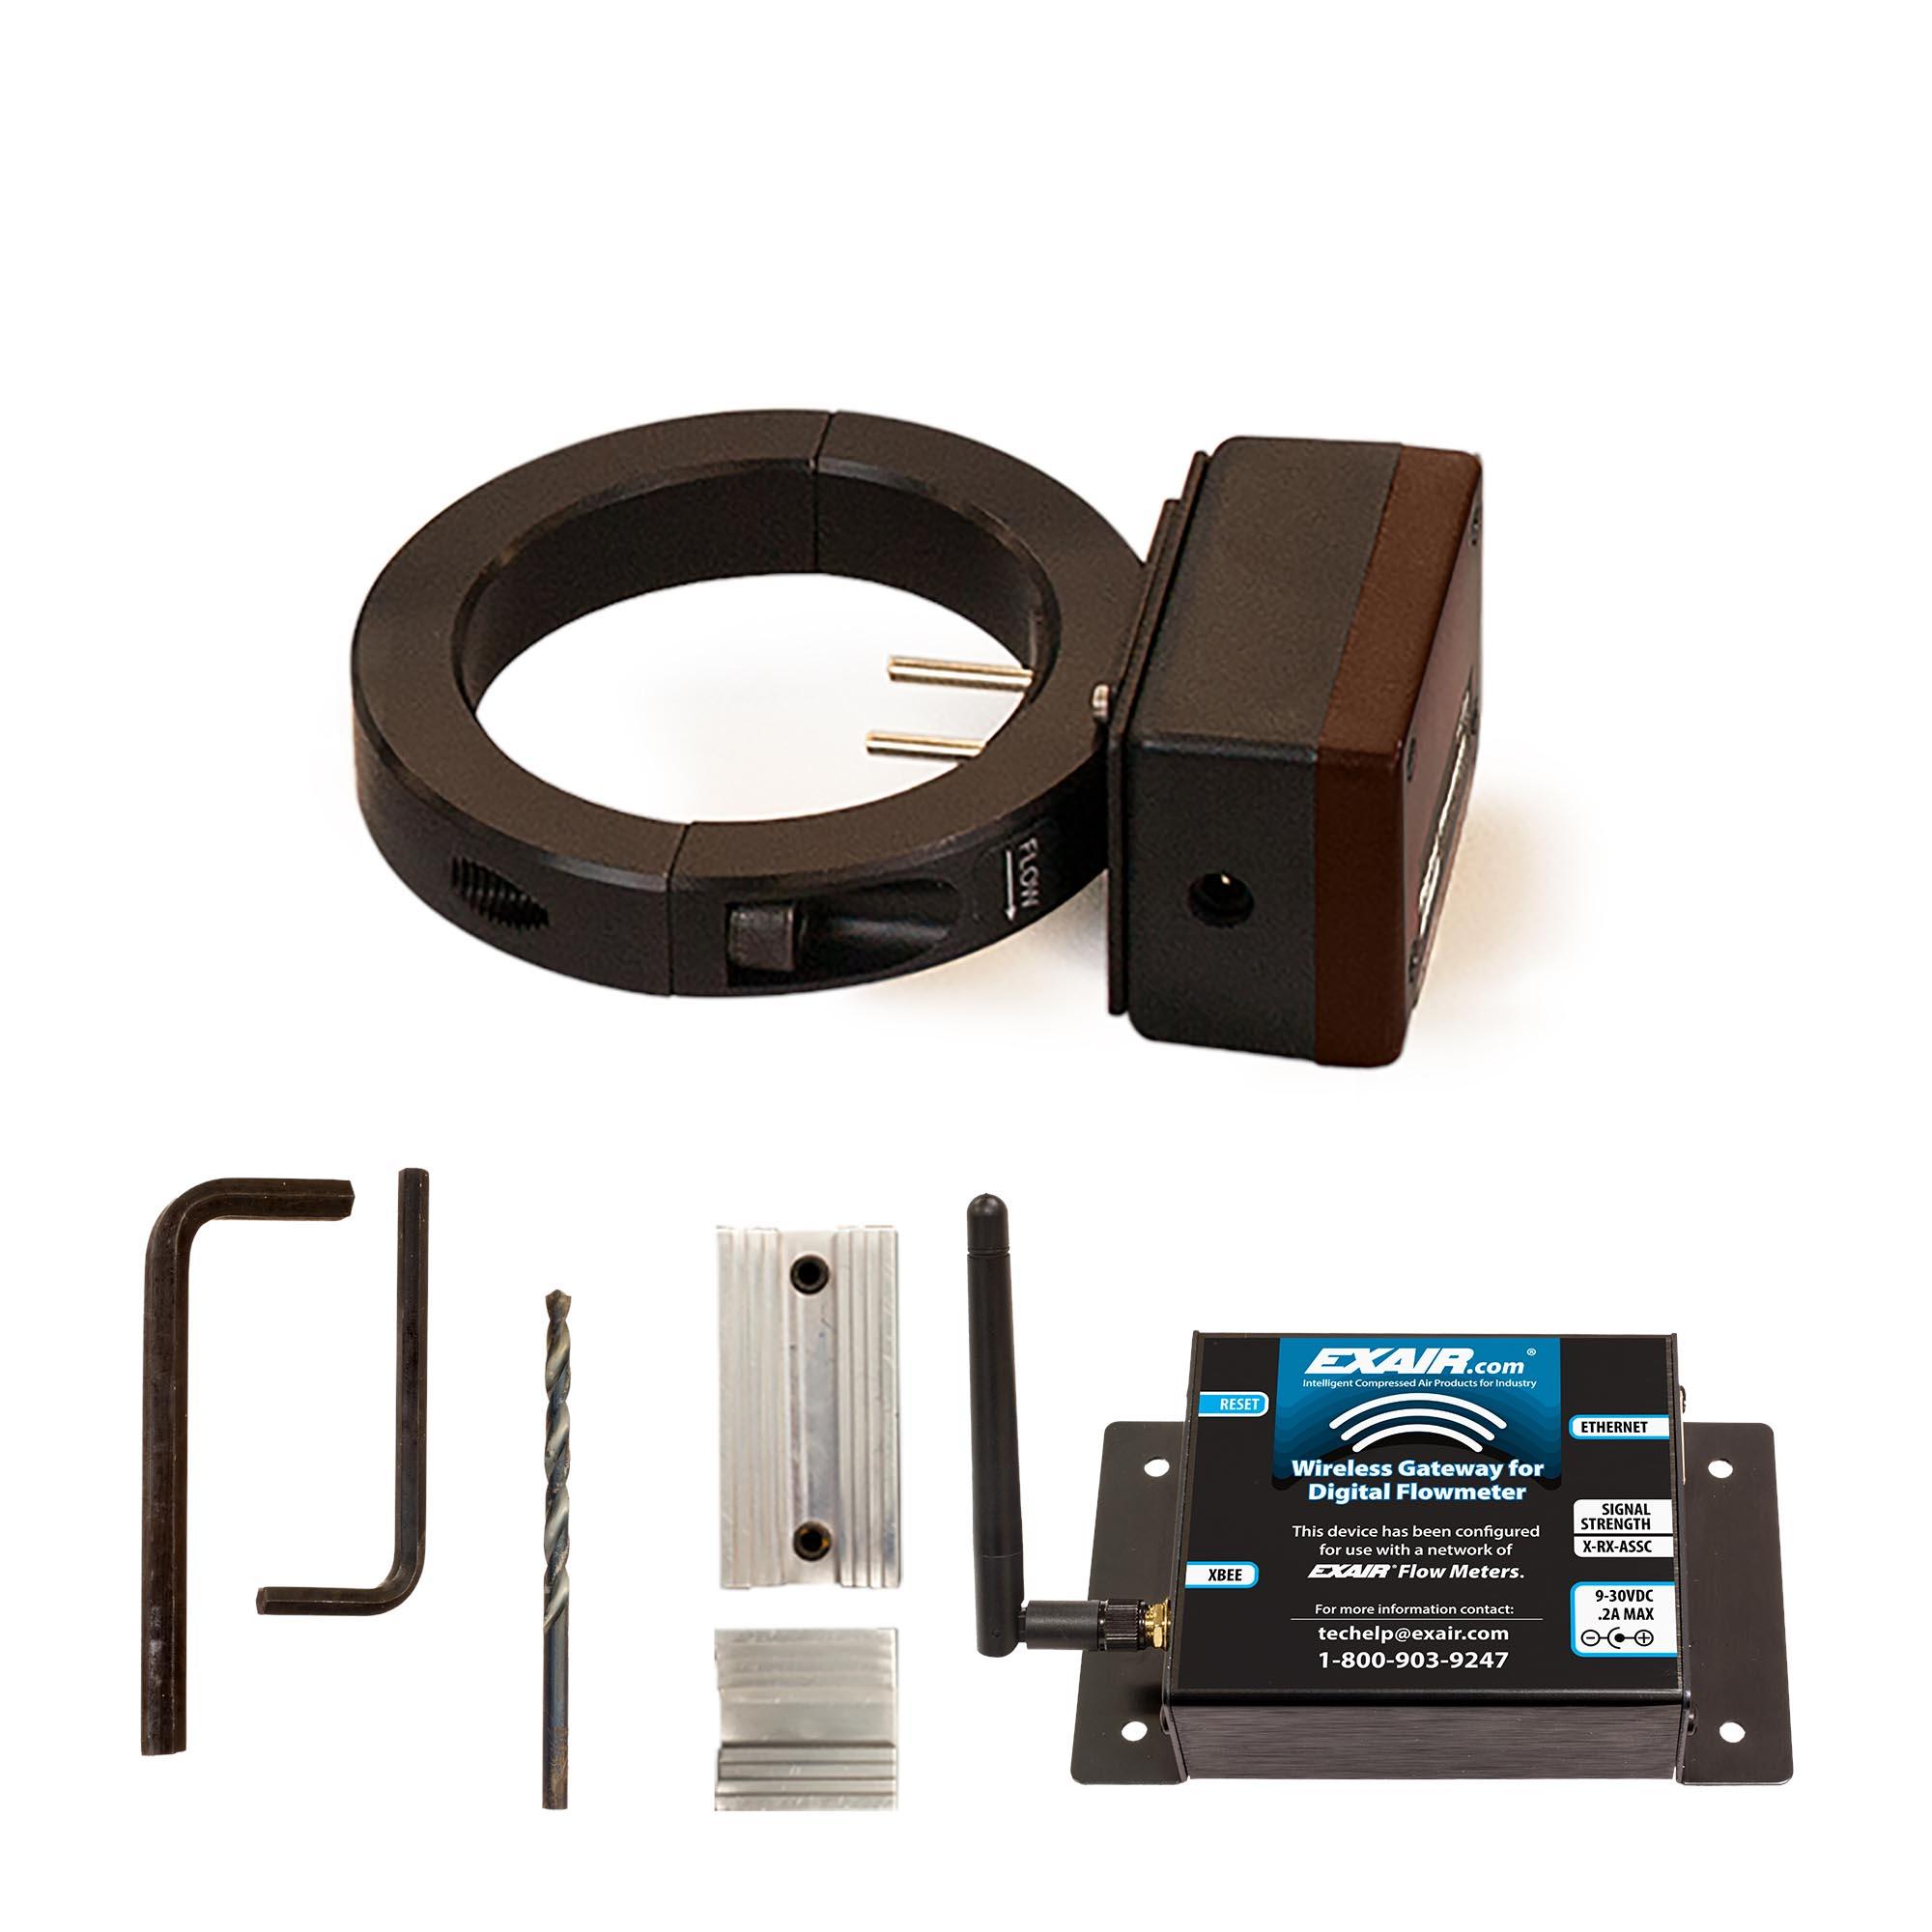 Digital Flowmeter Kit with Wireless Gateway for Wireless Capability